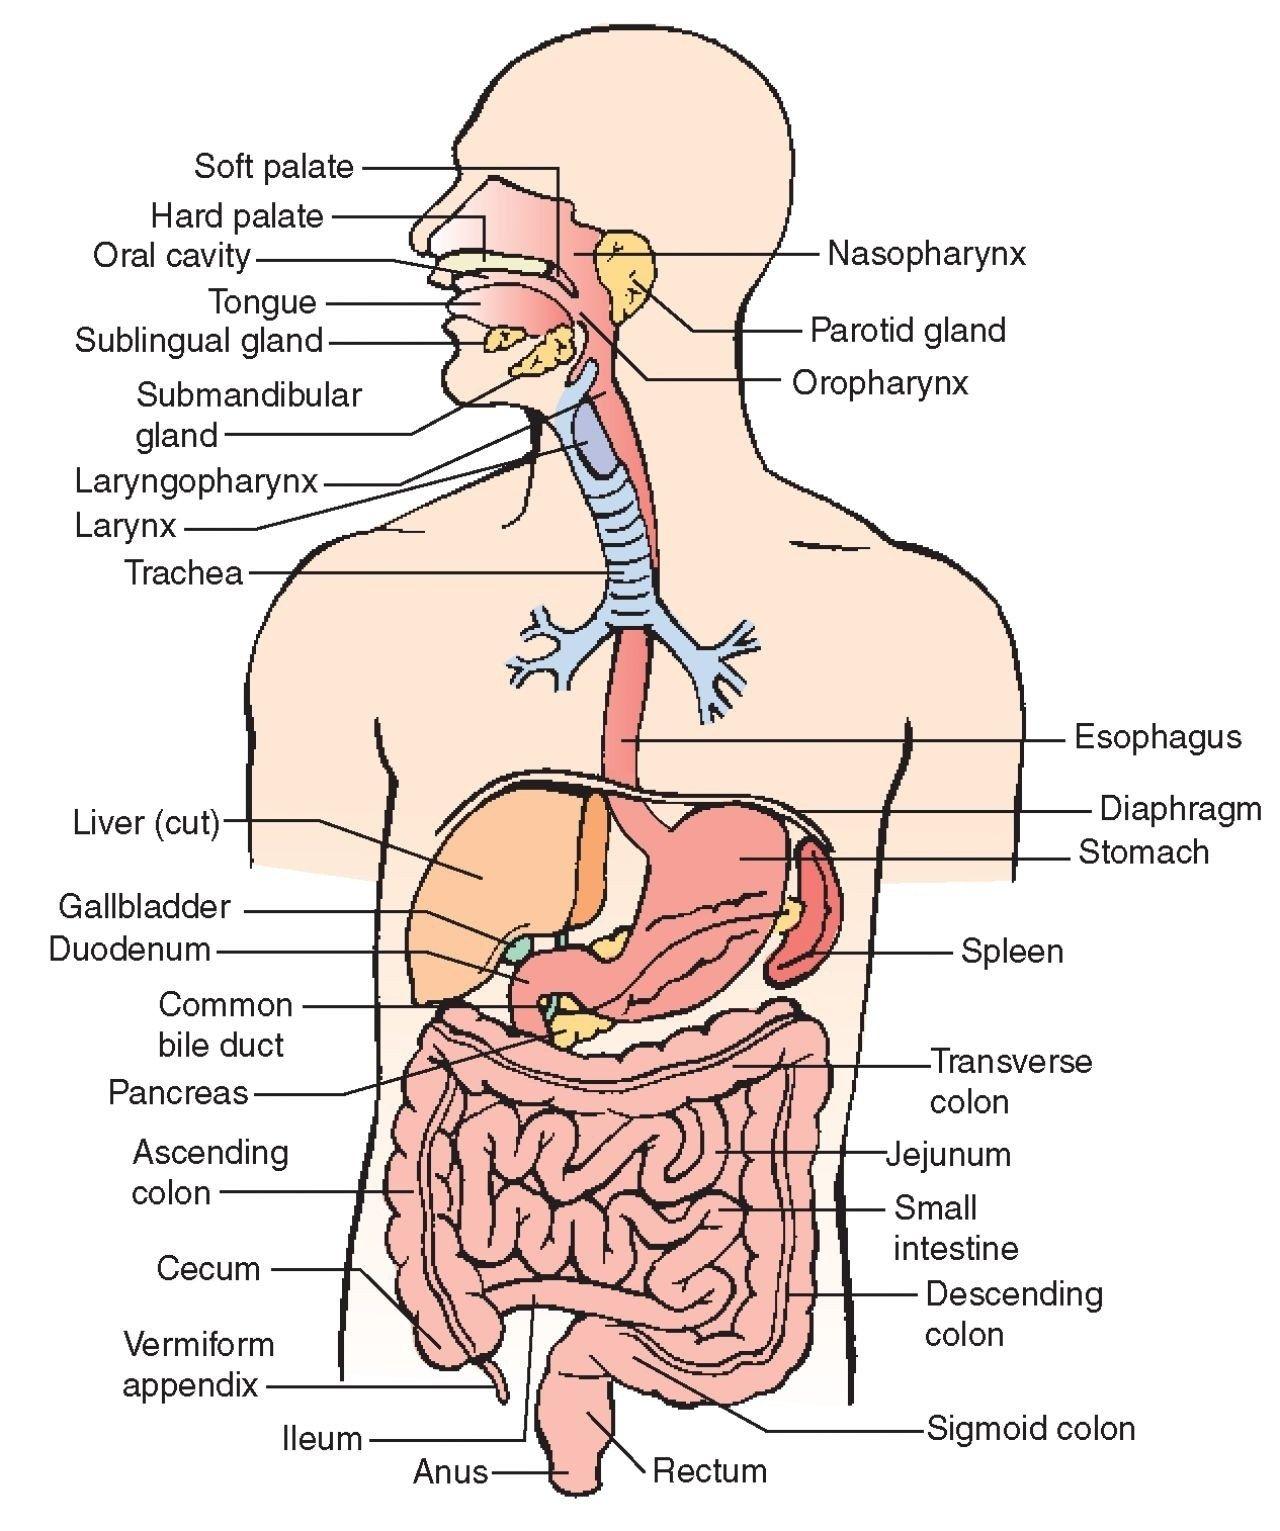 Internal Organ Anatomy Diagram